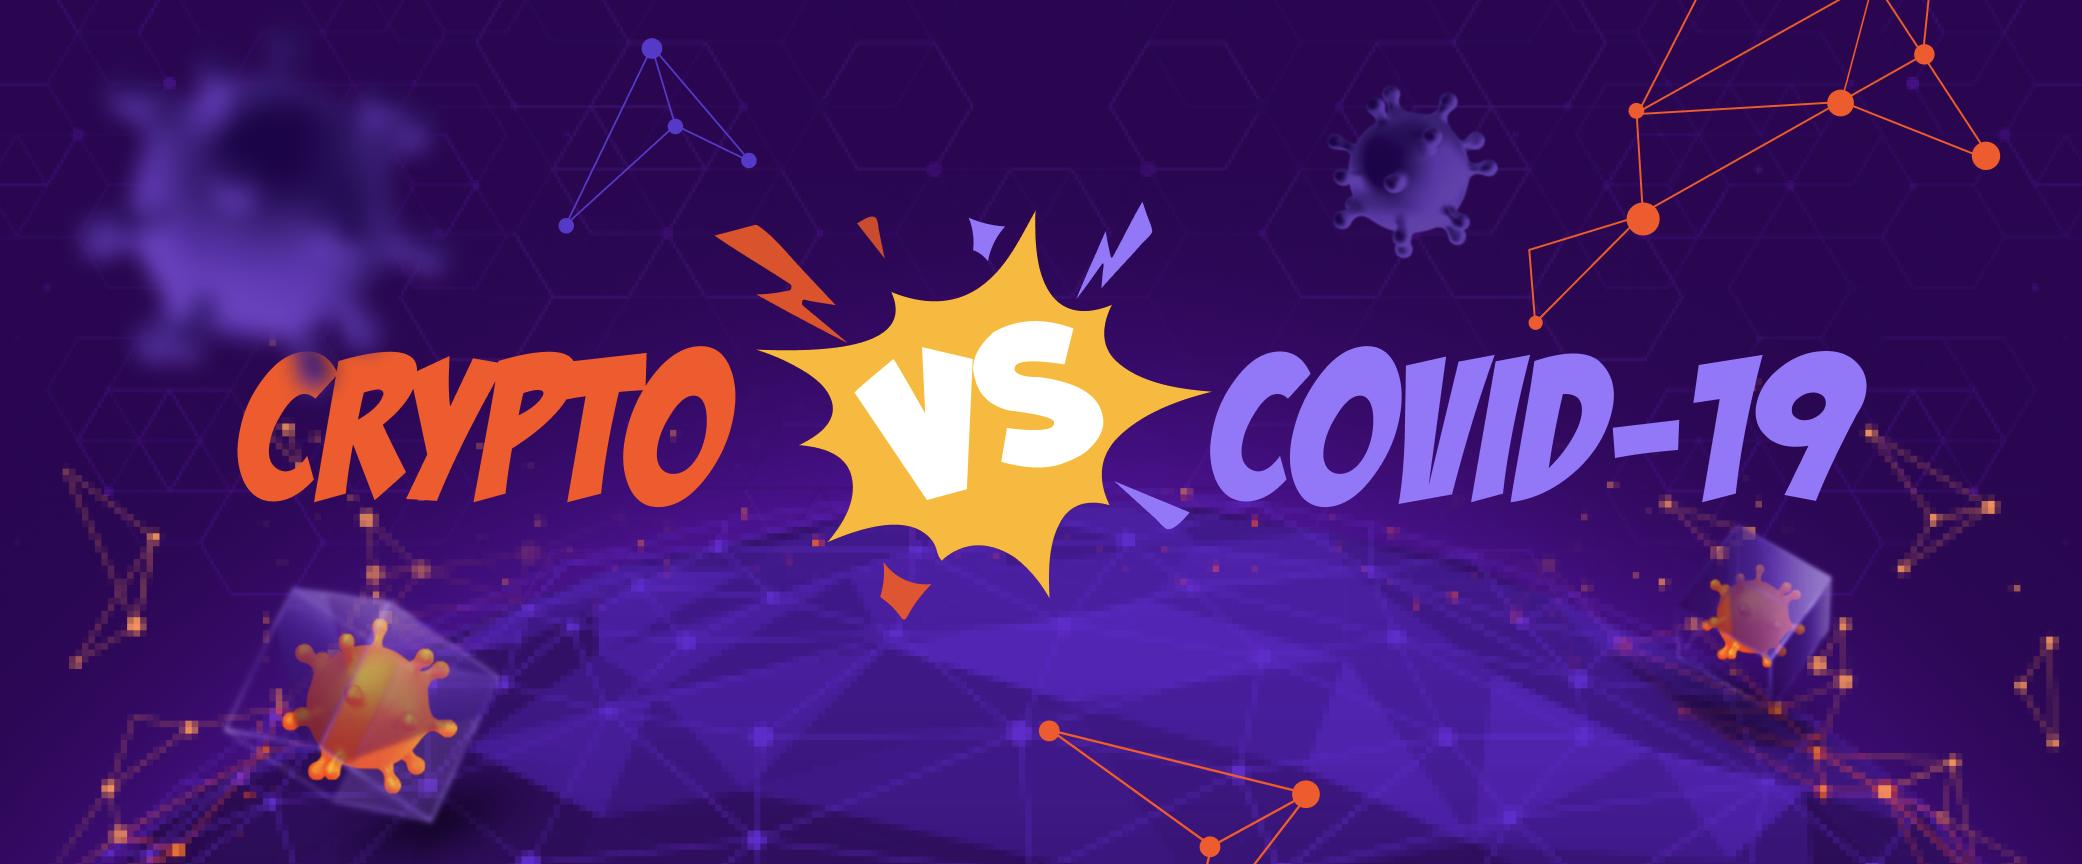 Crypto vs COVID-19: Bitcasino raises 20BTC donation